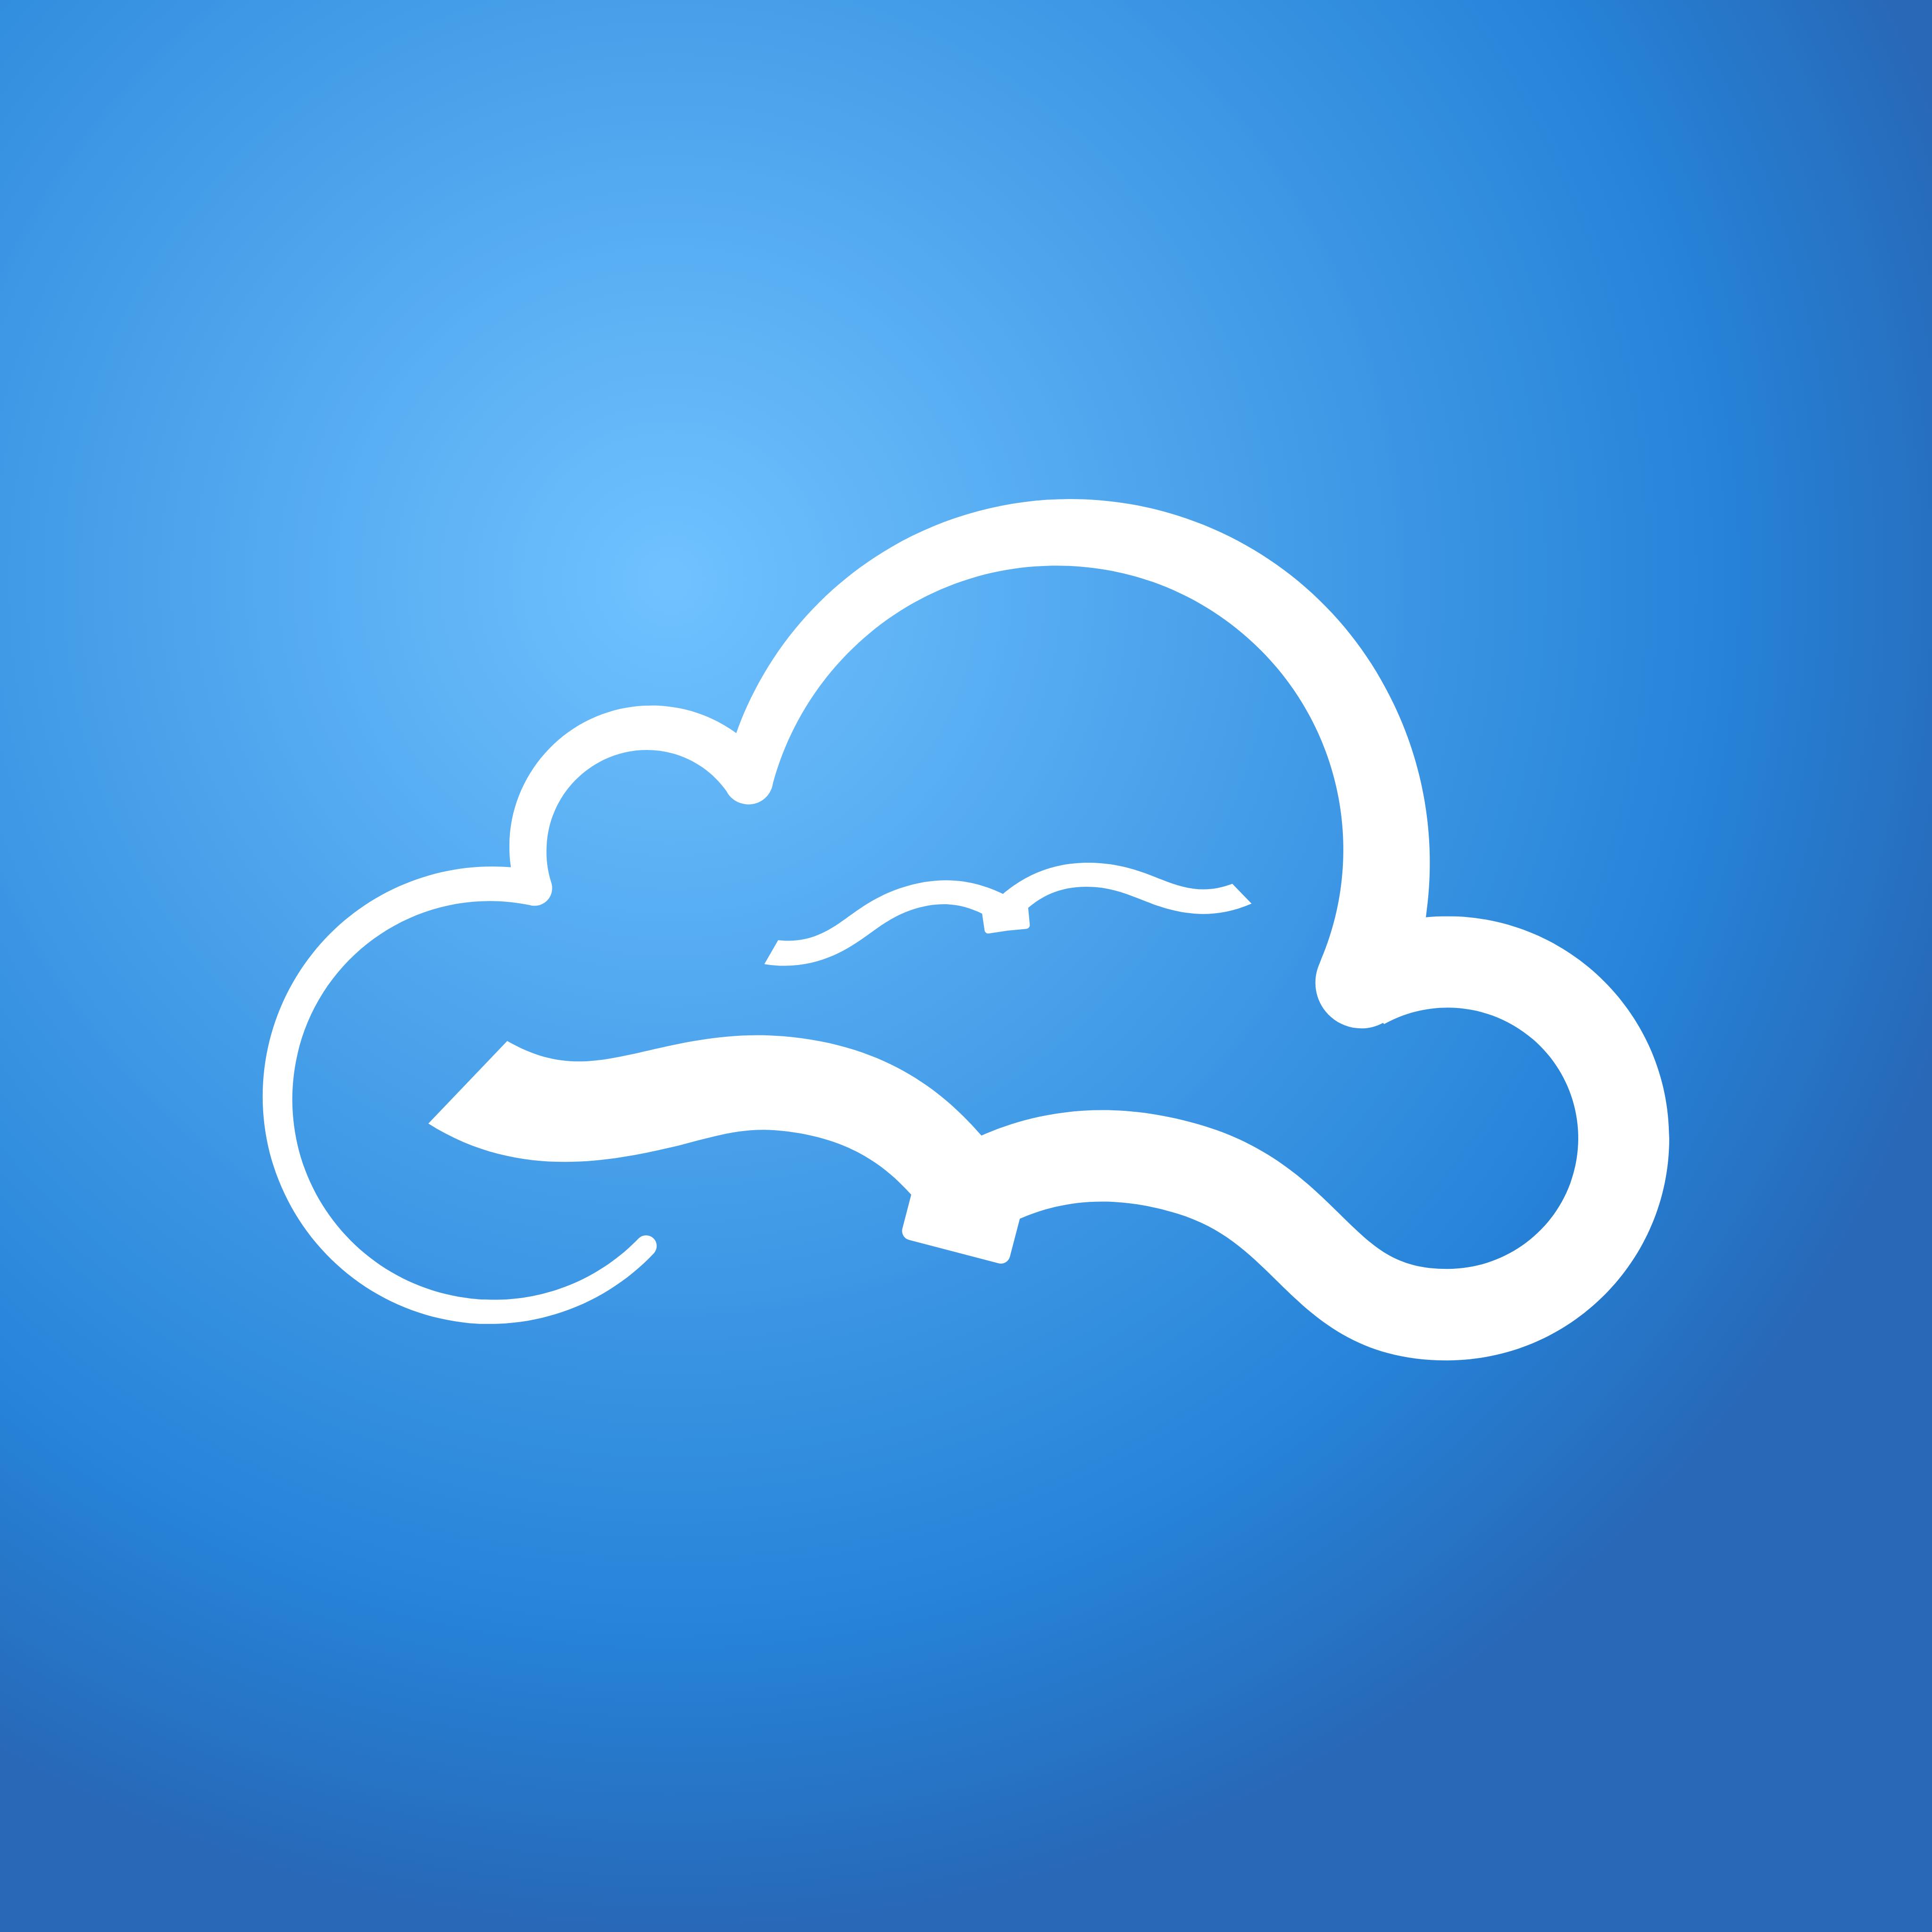 涪陵教育云家长端appv2.0.1最新版